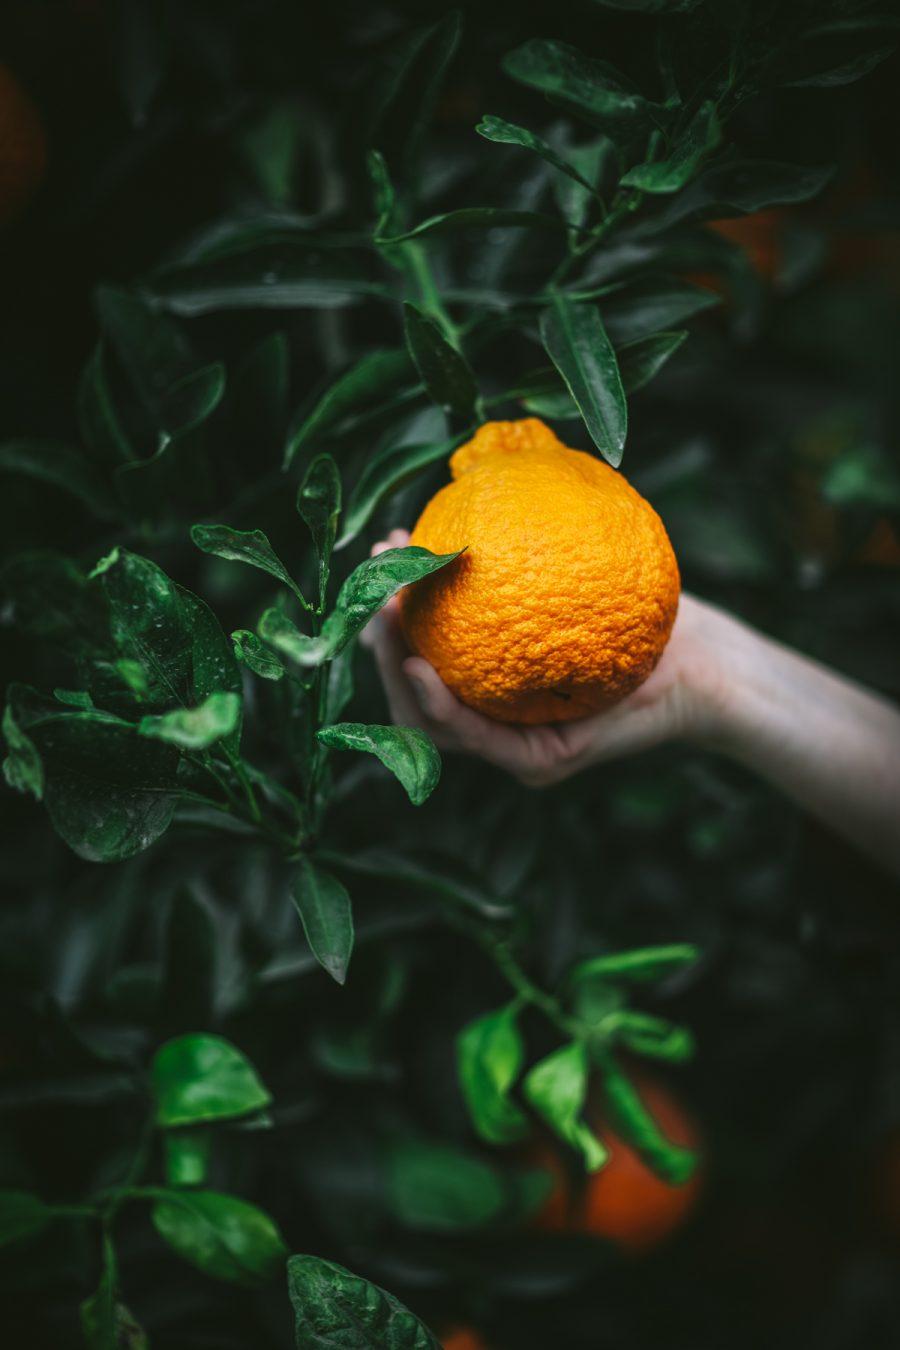 Sumo Citrus Orchard